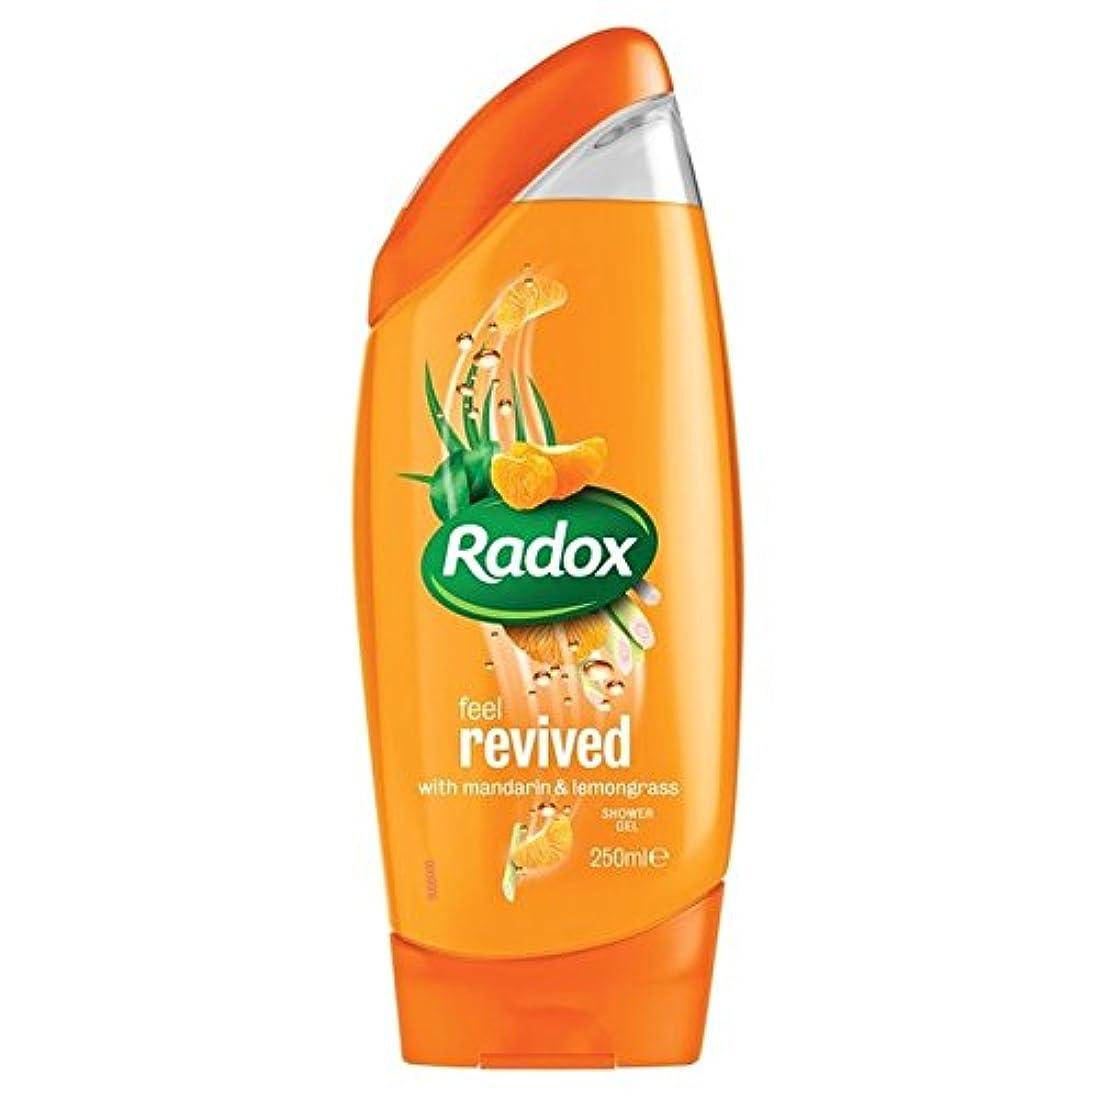 専門用語夜シェルターのみかんは、シャワージェル250ミリリットルを復活させます x2 - Radox Mandarin Revive Shower Gel 250ml (Pack of 2) [並行輸入品]